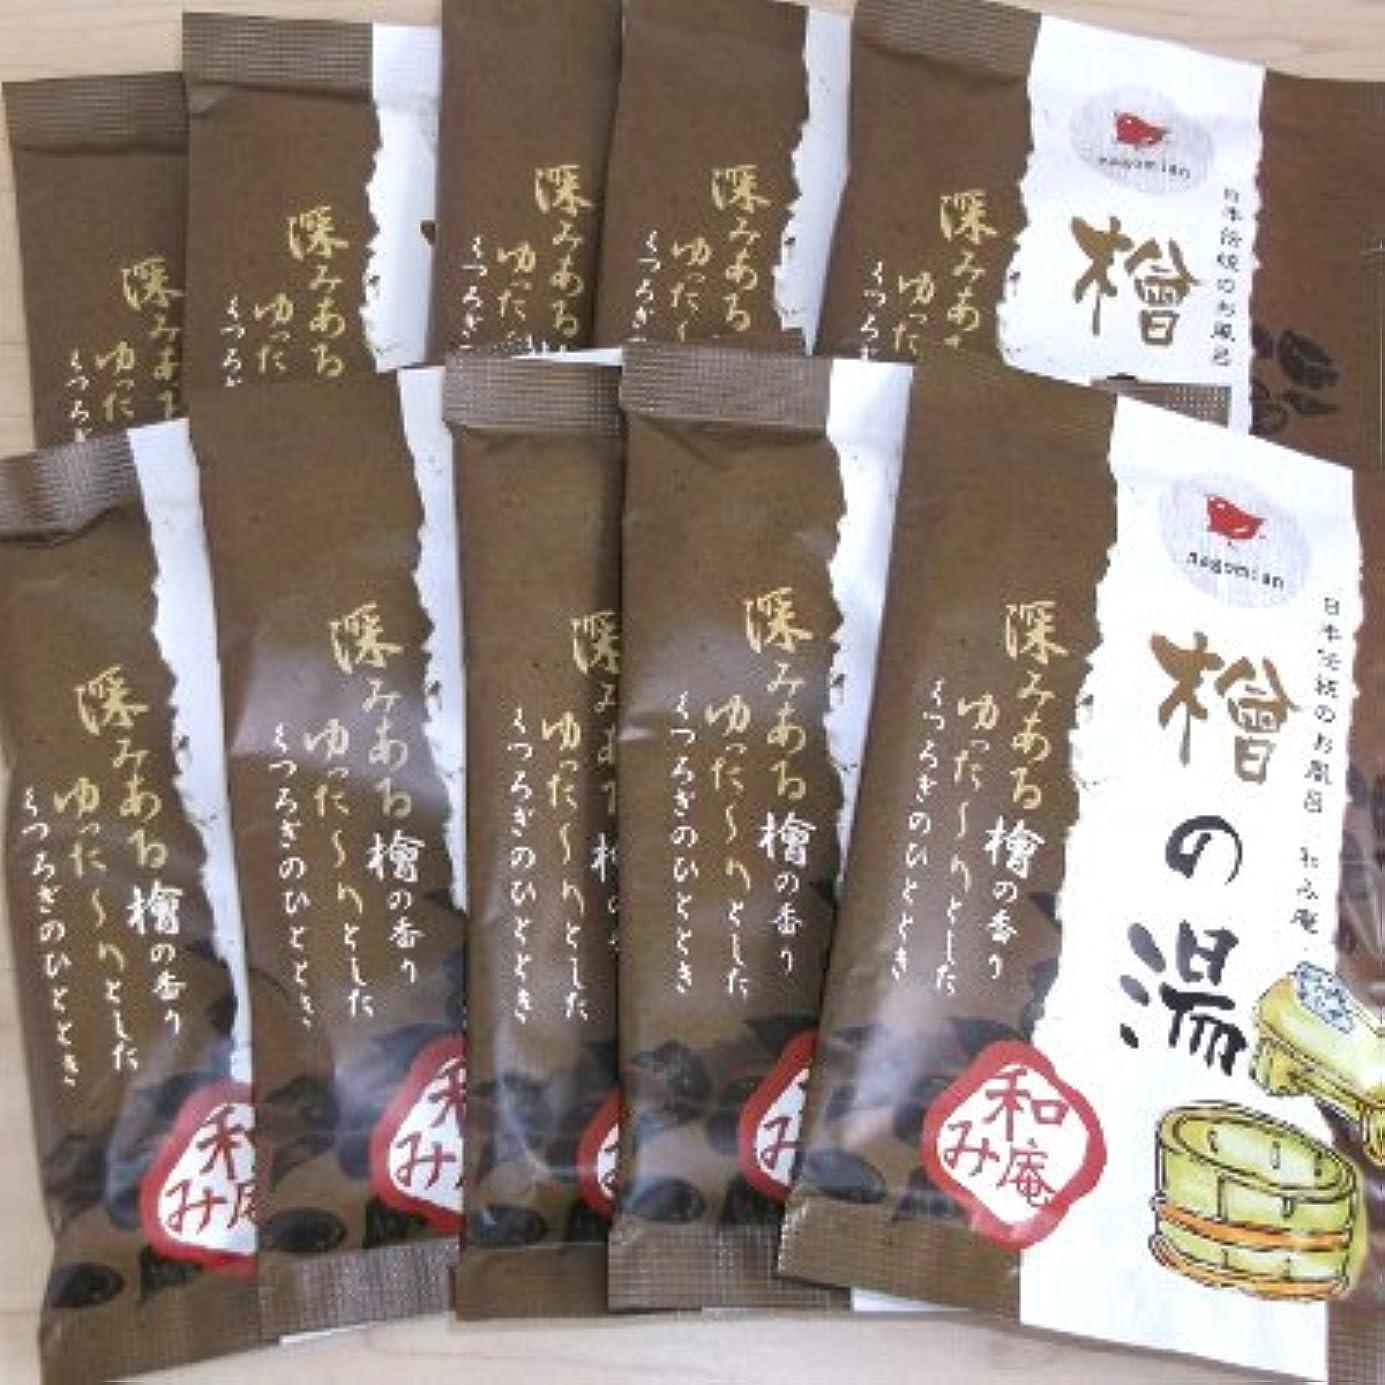 申請者ラフ投資する和み庵 檜の湯 10包セット